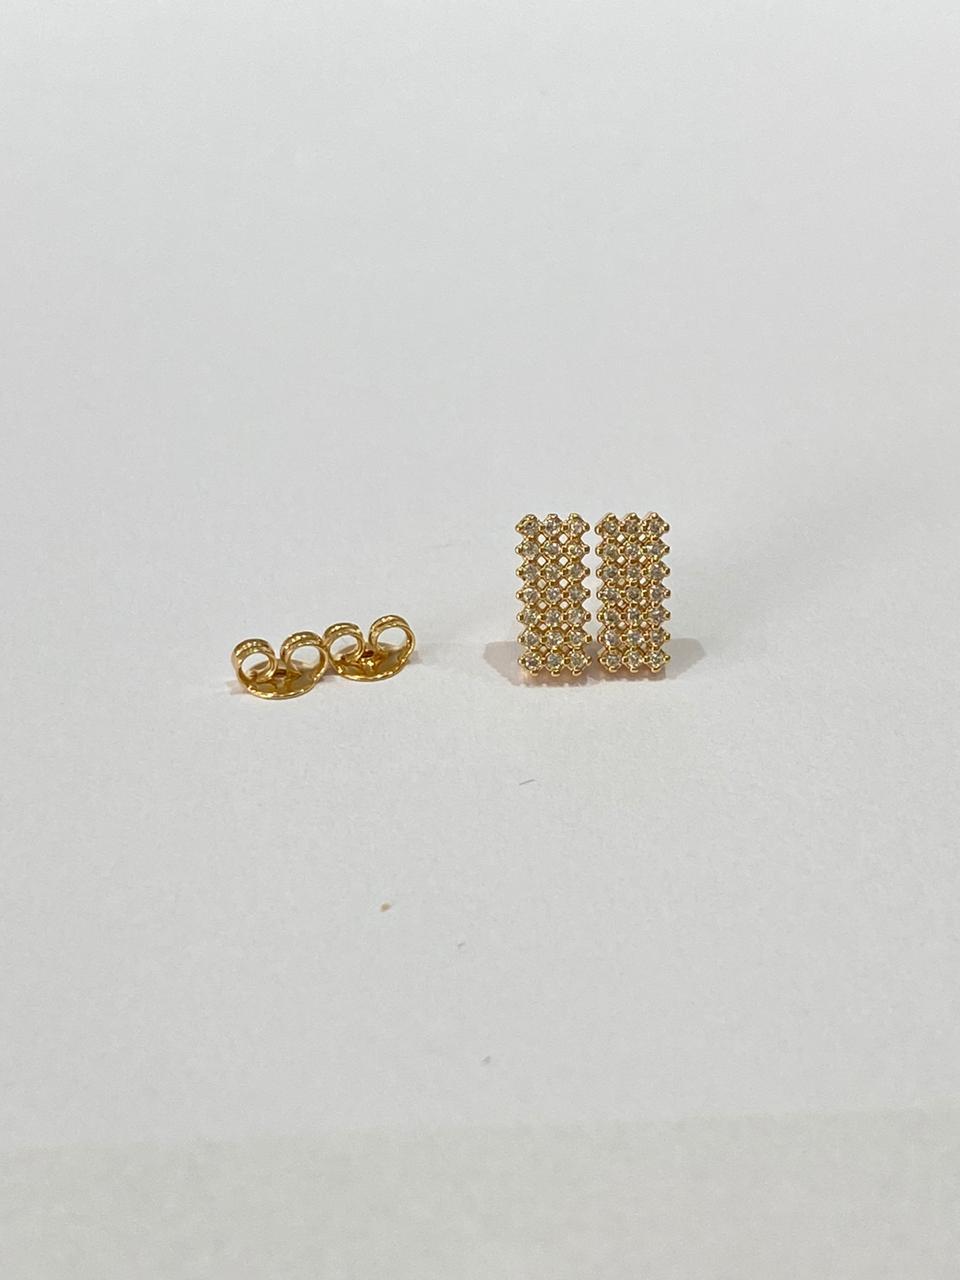 Brinco Pequeno Cravejado Zircônia Branca Banho em Ouro 18 k